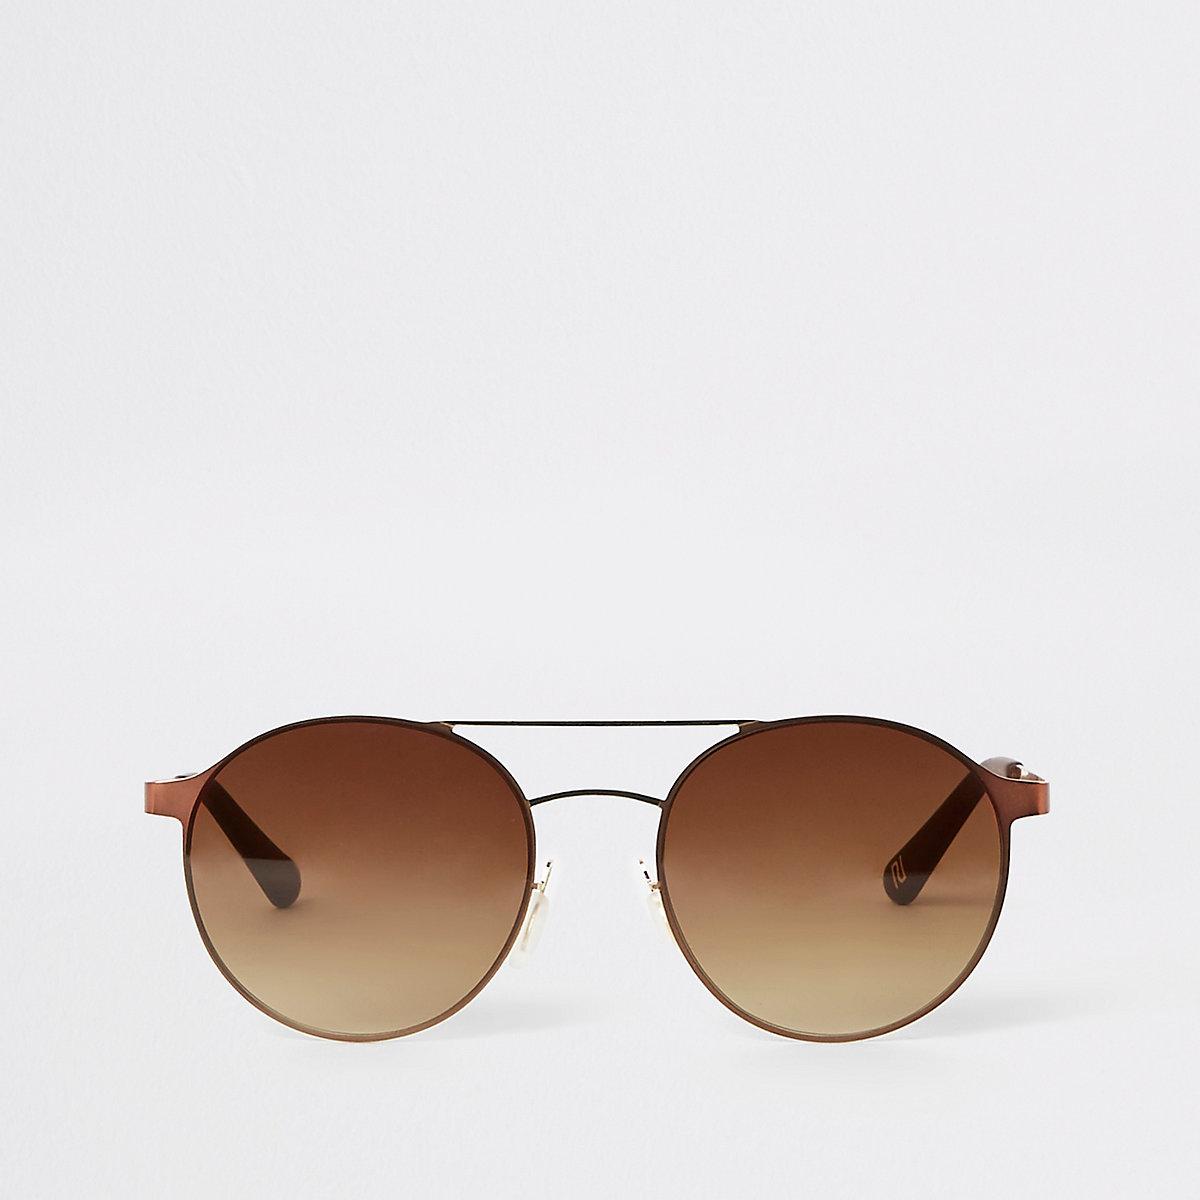 Lunettes de soleil aviateur marron